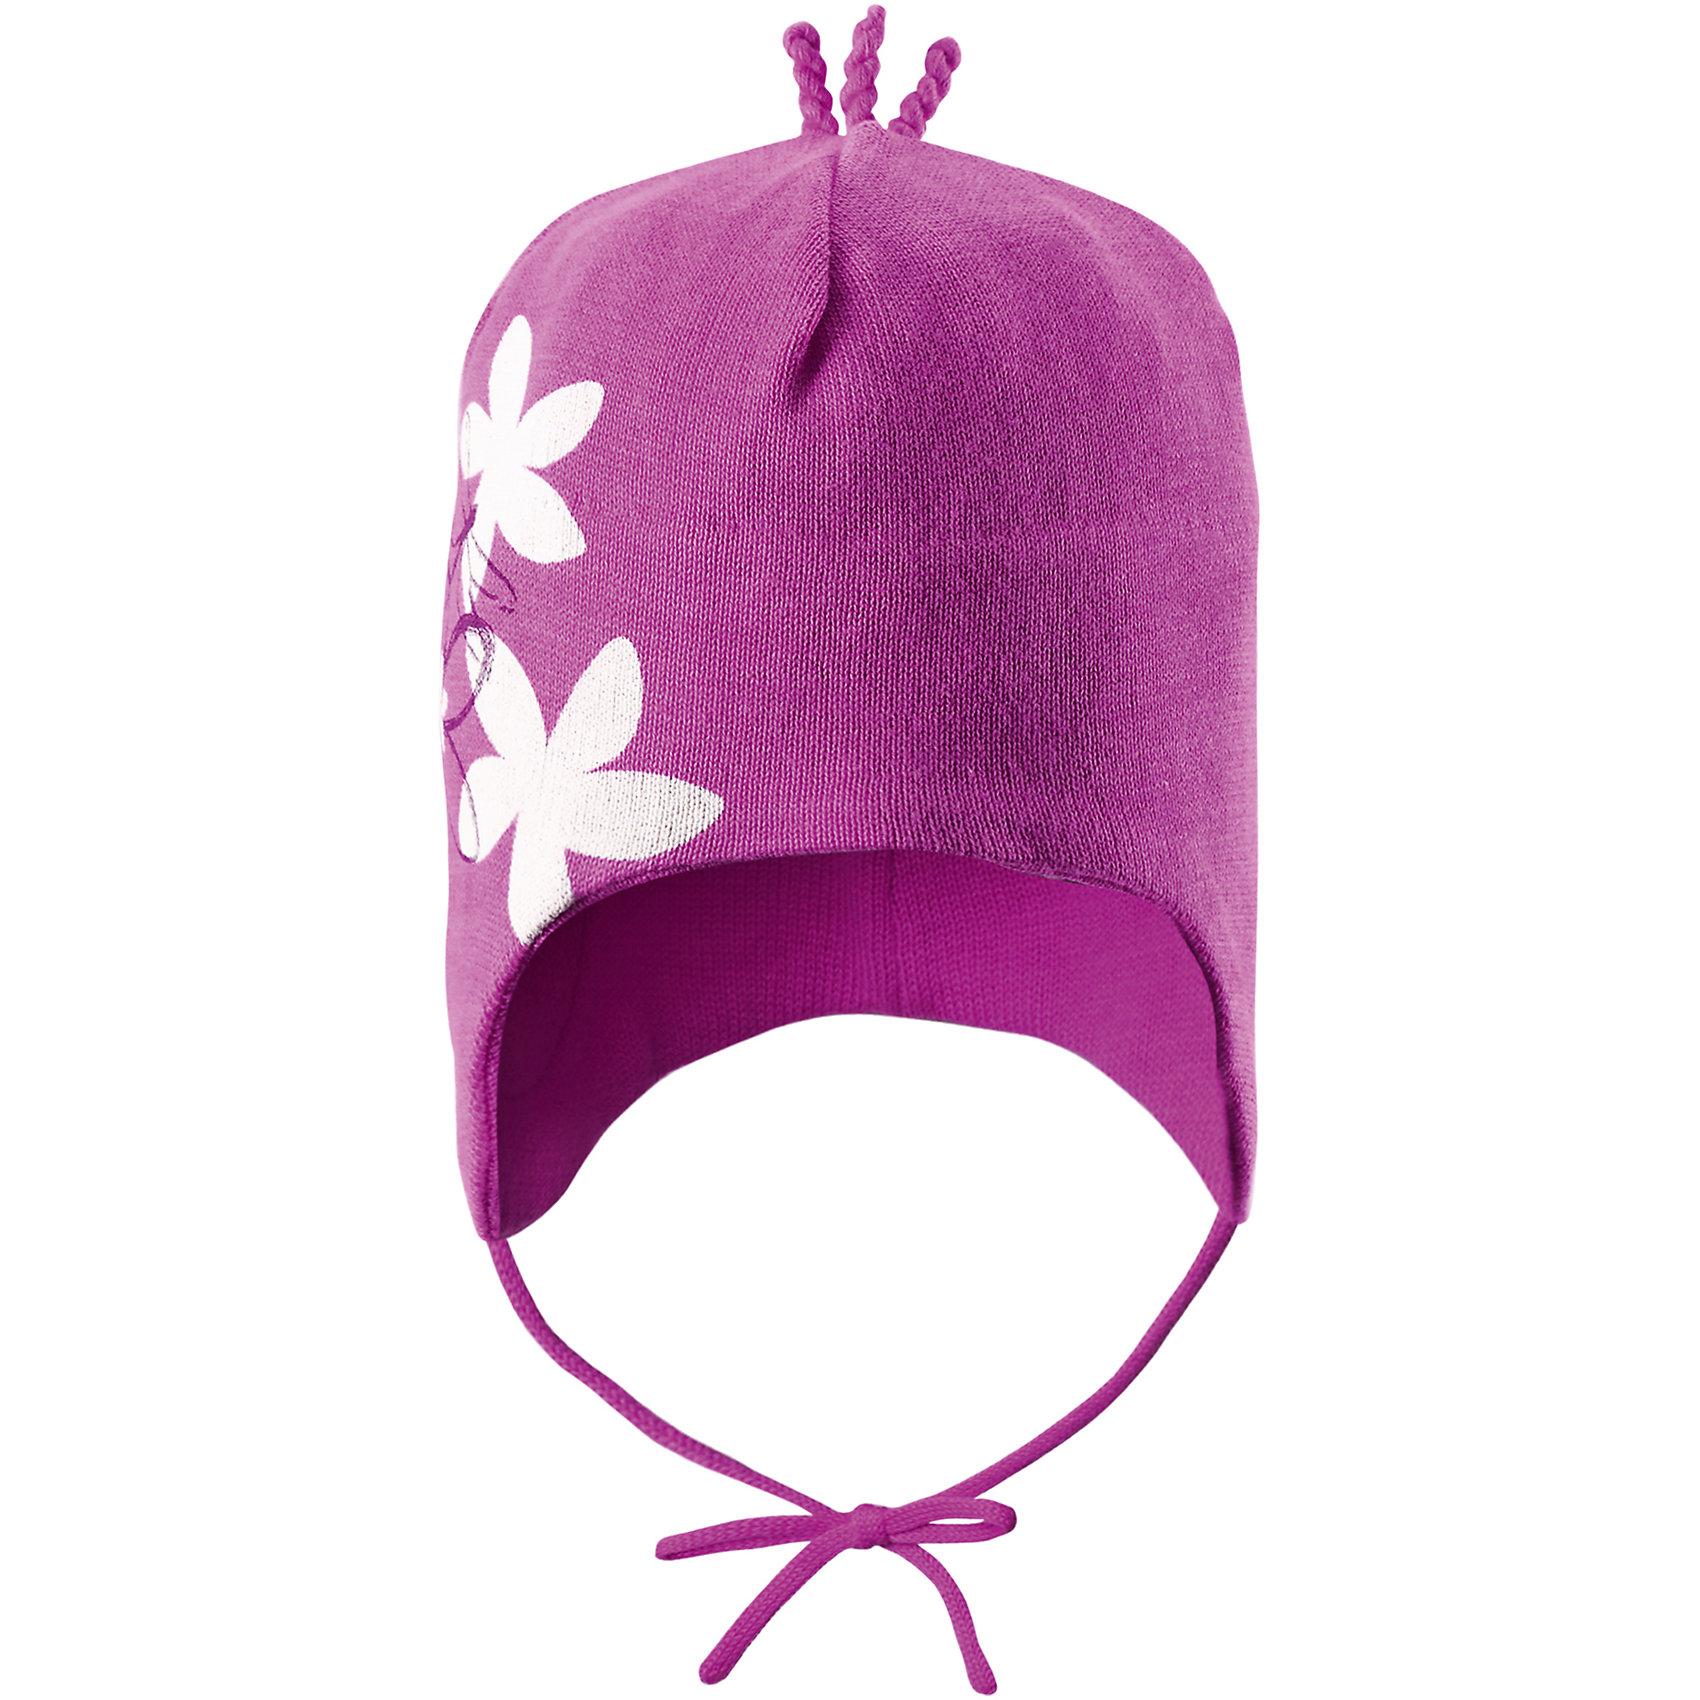 Шапка для девочки ReimaСила цветов для маленьких супергероев! Эта очаровательная шапочка для малышей, изготовленная из легкого и дышащего вязаного хлопчатобумажного материала — превосходный выбор для веселого денька в парке или детском саду. Ветронепроницаемые вставки в области ушей обеспечивают ушкам дополнительную защиту, а декоративные ниточки на макушке завершают образ. <br><br>Дополнительная информация:<br><br>Шапка «Бини» для малышей<br>Эластичная хлопчатобумажная ткань<br>Ветронепроницаемые вставки в области ушей<br>Частичная подкладка: хлопчатобумажная ткань<br>Логотип Reima® сзади<br>Декоративный принт спереди<br>Декоративные элементы сверху<br>Состав:<br>100% хлопок<br>Уход:<br>Стирать по отдельности, вывернув наизнанку. Придать первоначальную форму вo влажном виде. Возможна усадка 5 %.<br><br>Ширина мм: 89<br>Глубина мм: 117<br>Высота мм: 44<br>Вес г: 155<br>Цвет: розовый<br>Возраст от месяцев: 9<br>Возраст до месяцев: 12<br>Пол: Женский<br>Возраст: Детский<br>Размер: 50,46,52,48<br>SKU: 4498045